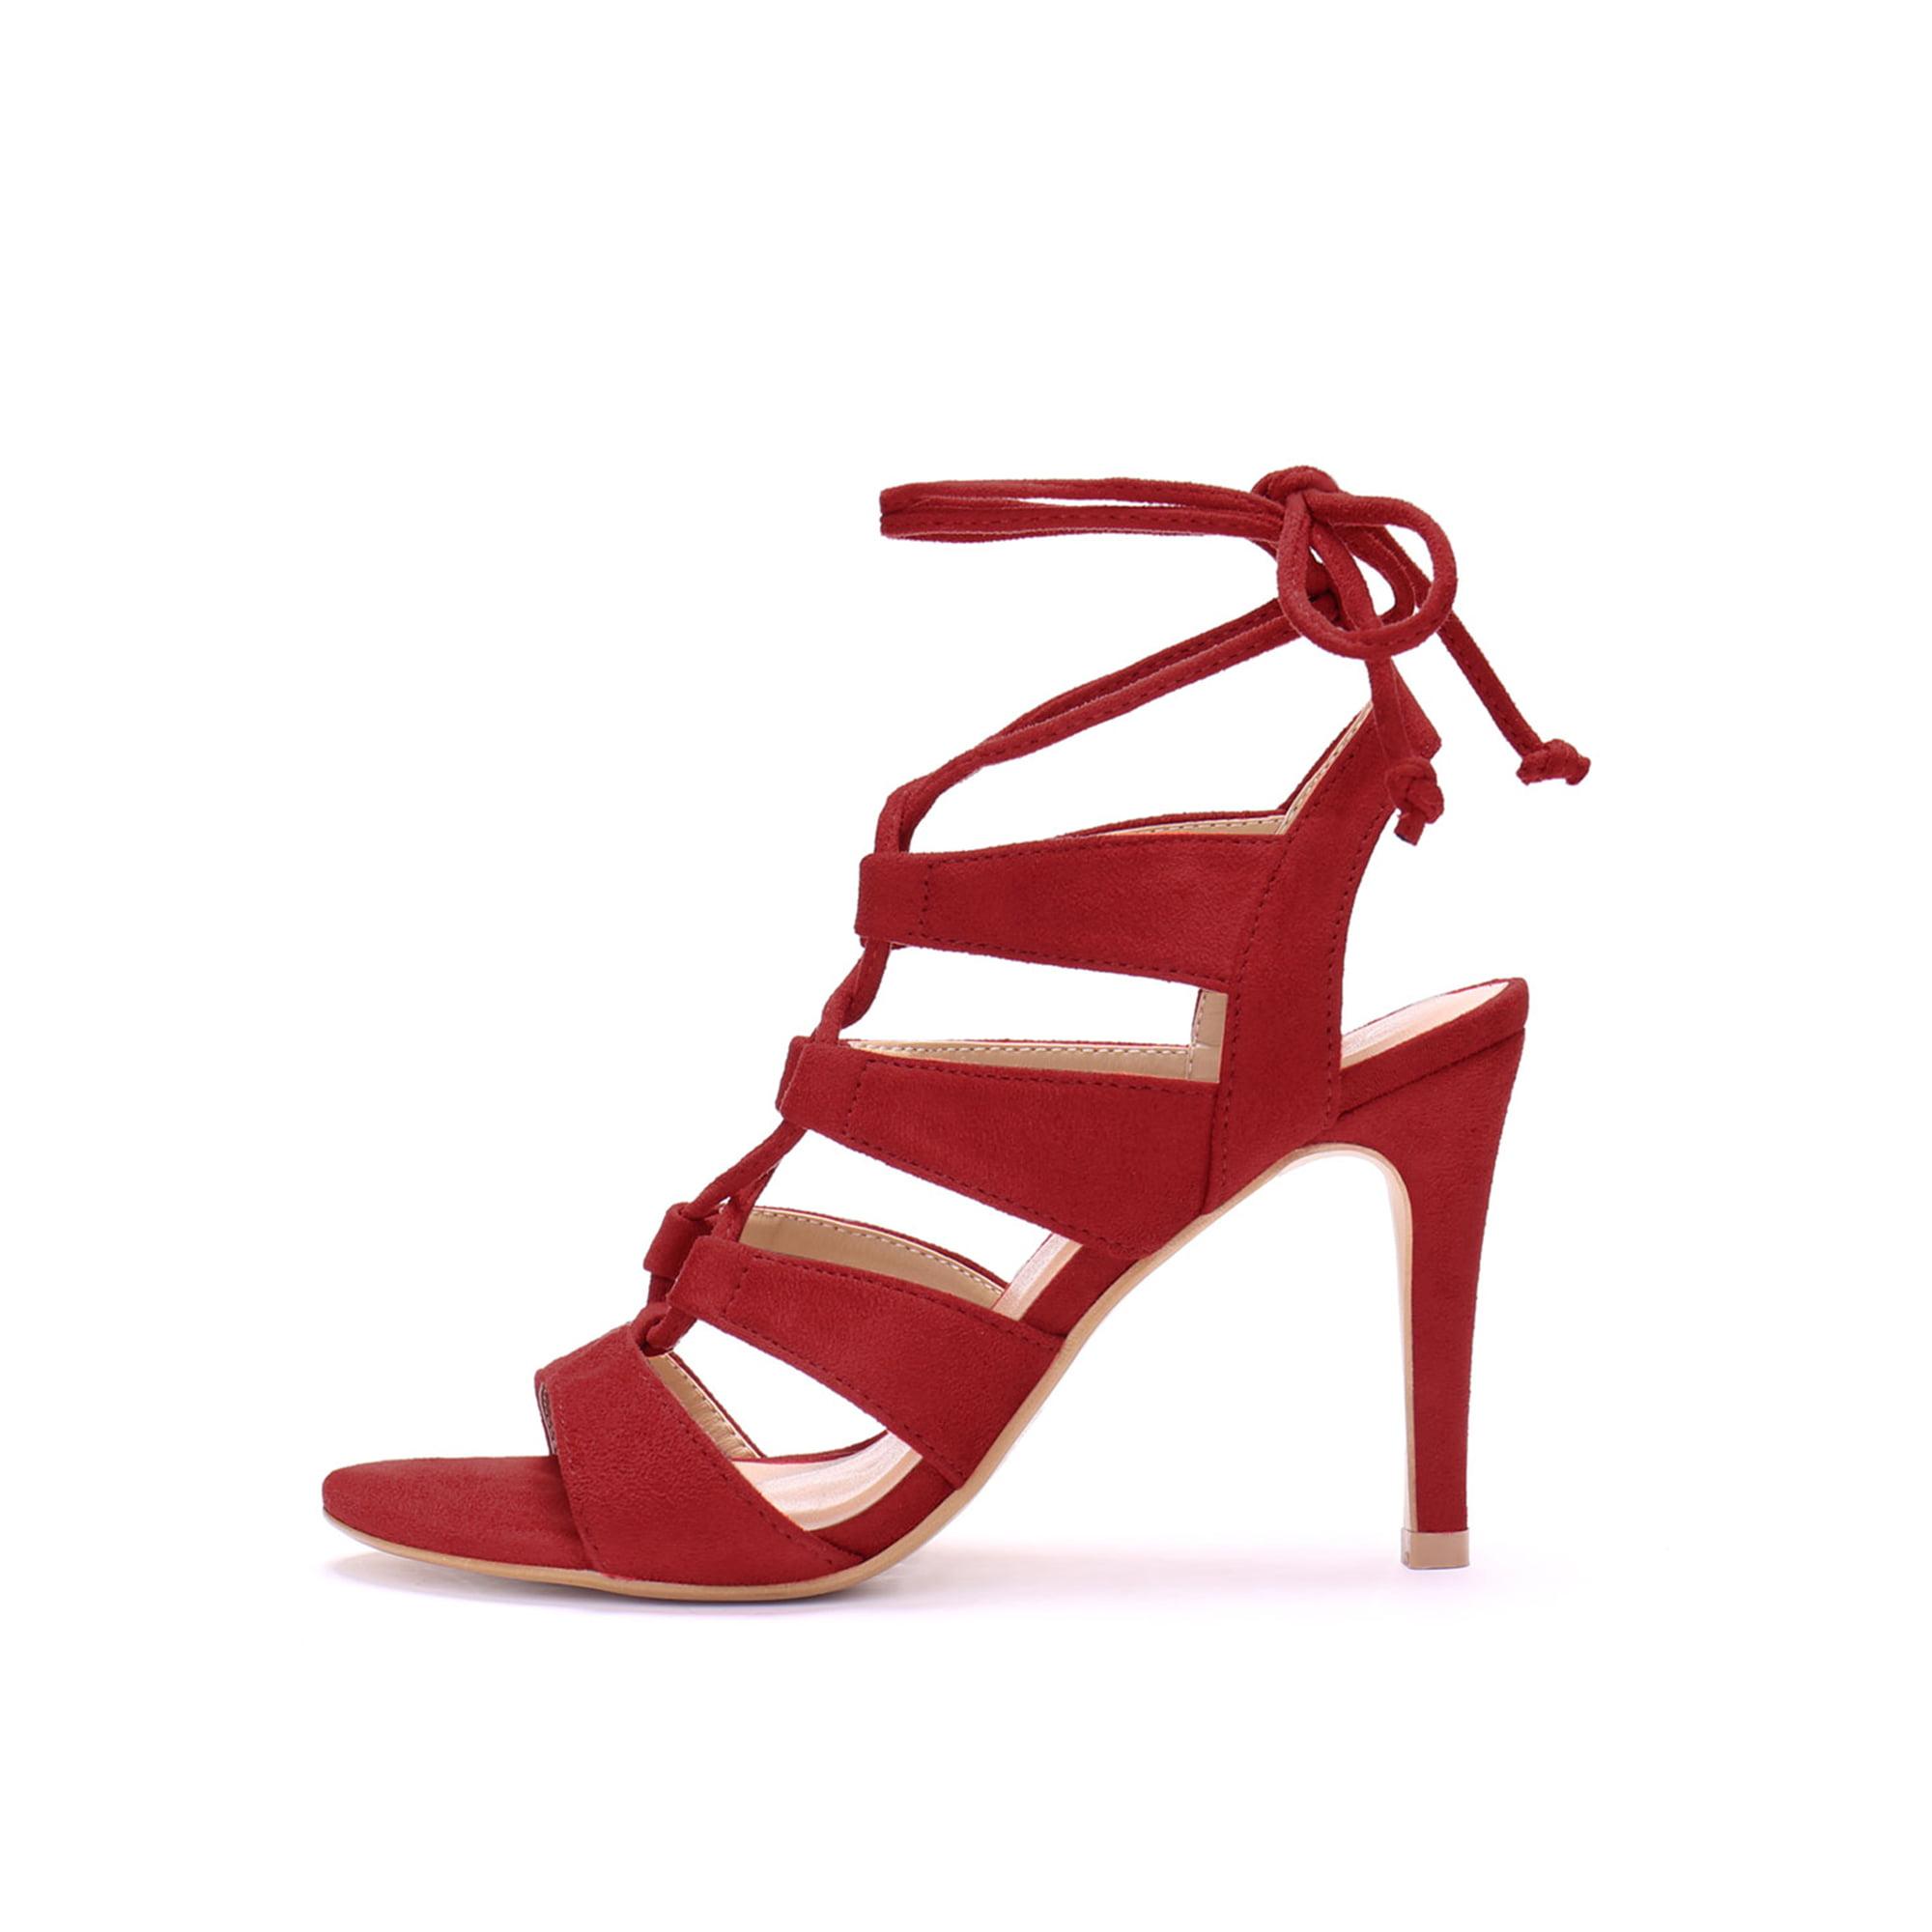 23b18382358 Unique Bargains Women's Stiletto Heel Open Toe Cutout Lace Up Sandals Red  (Size 5.5)